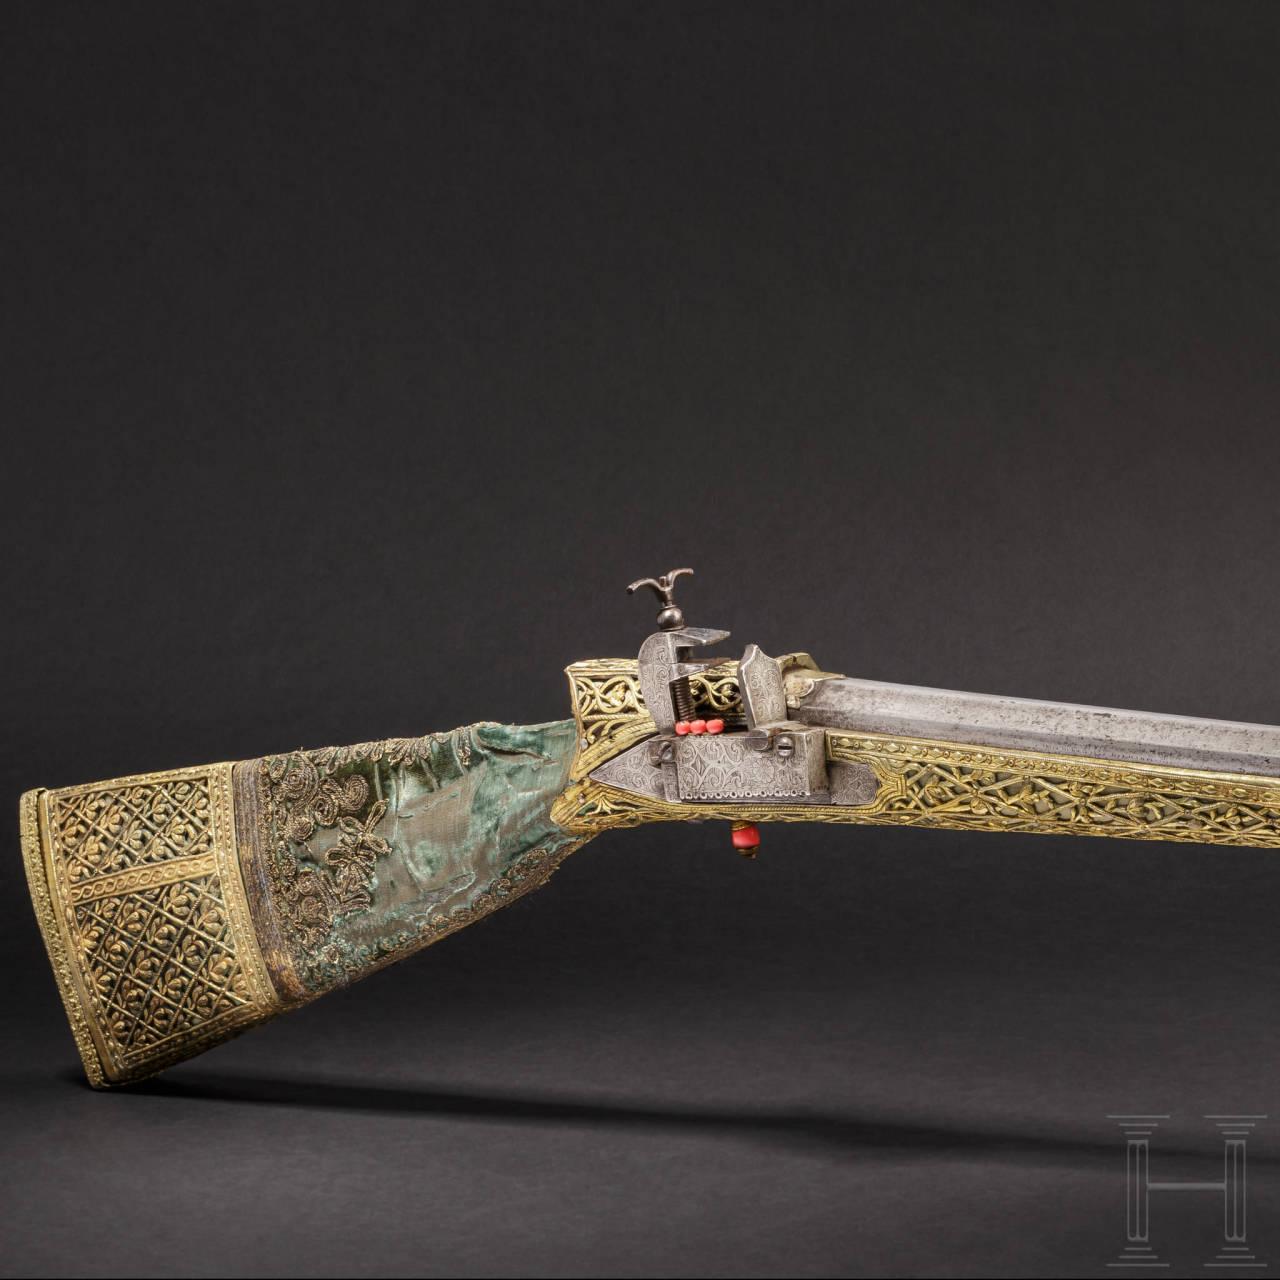 Bedeutende Luxus-Miquelet-Flinte mit Montierung aus vergoldetem Silber, osmanisch, um 1780